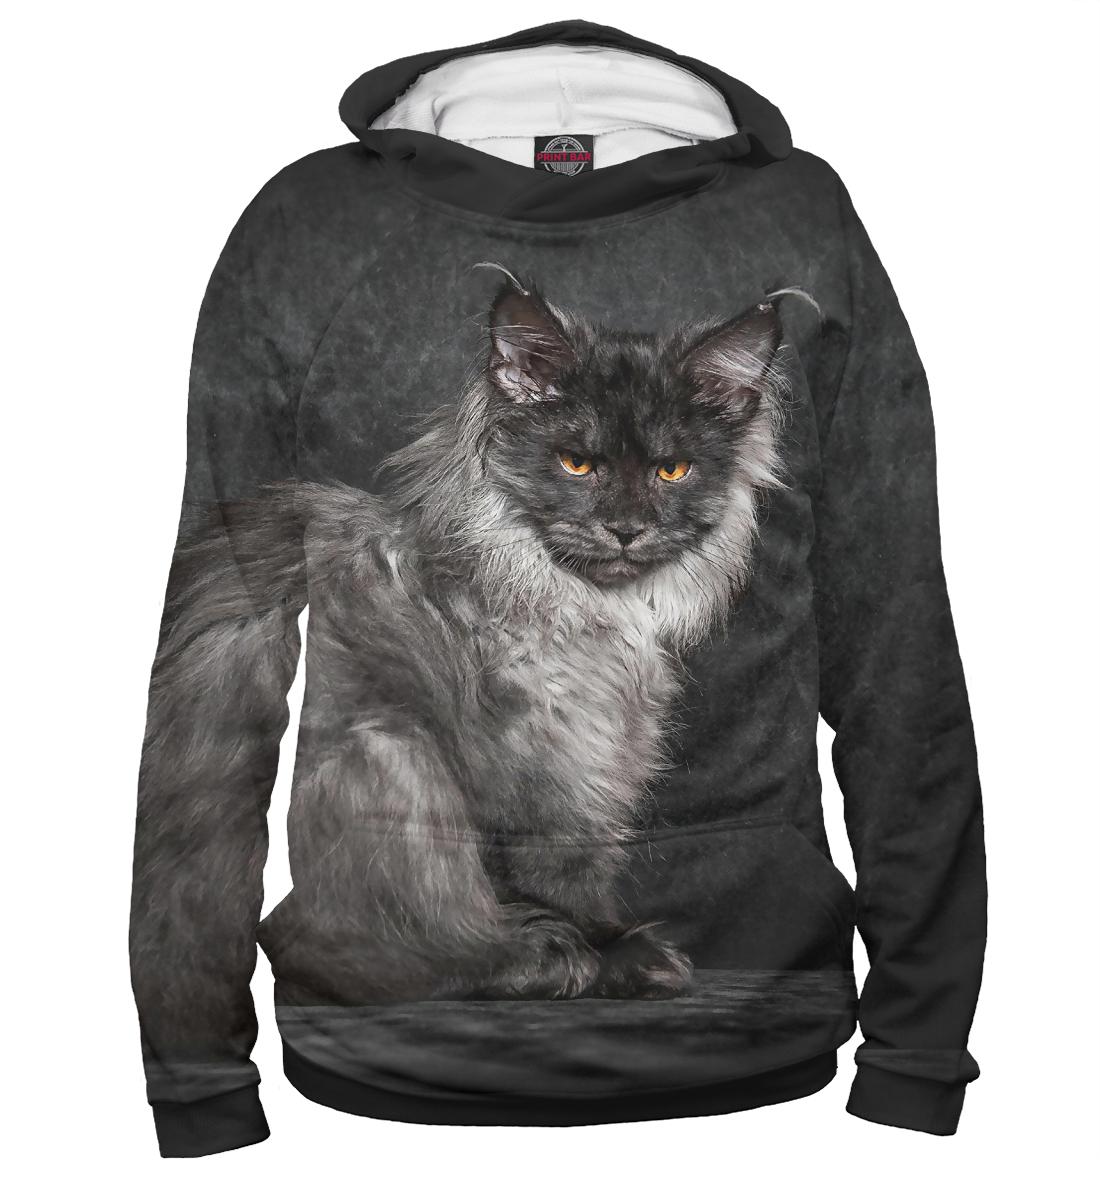 Фото - Серый кот тищенков олег серый и кот